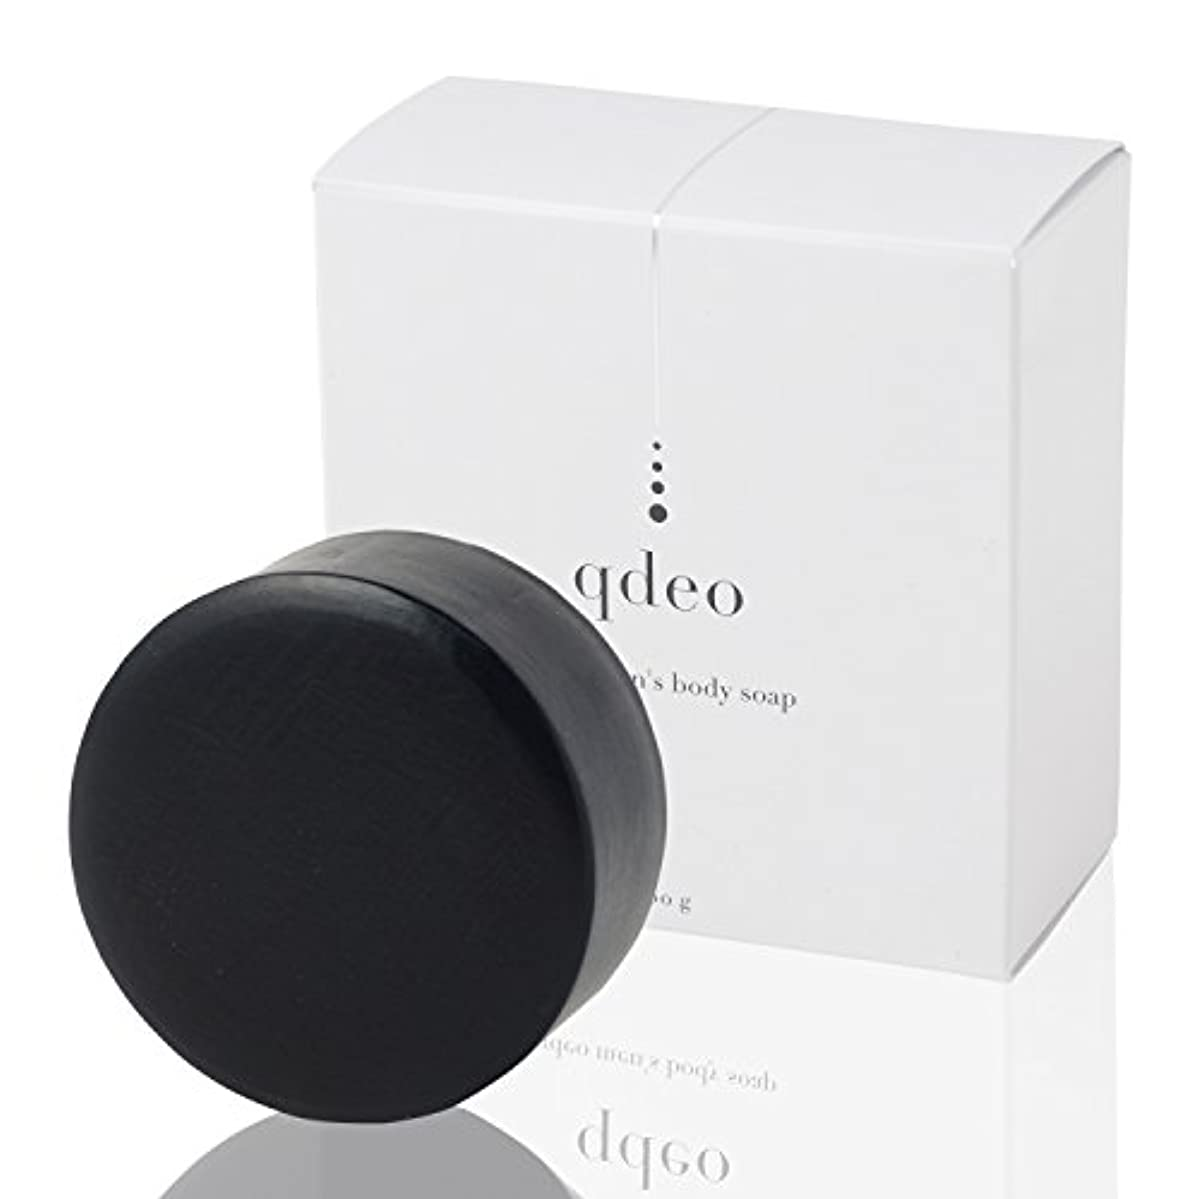 韓国語バイソンオプションクデオ メンズ ボディソープ 100g 石鹸 固形 体臭 ワキガ 足の臭い 加齢臭 デリケートゾーン